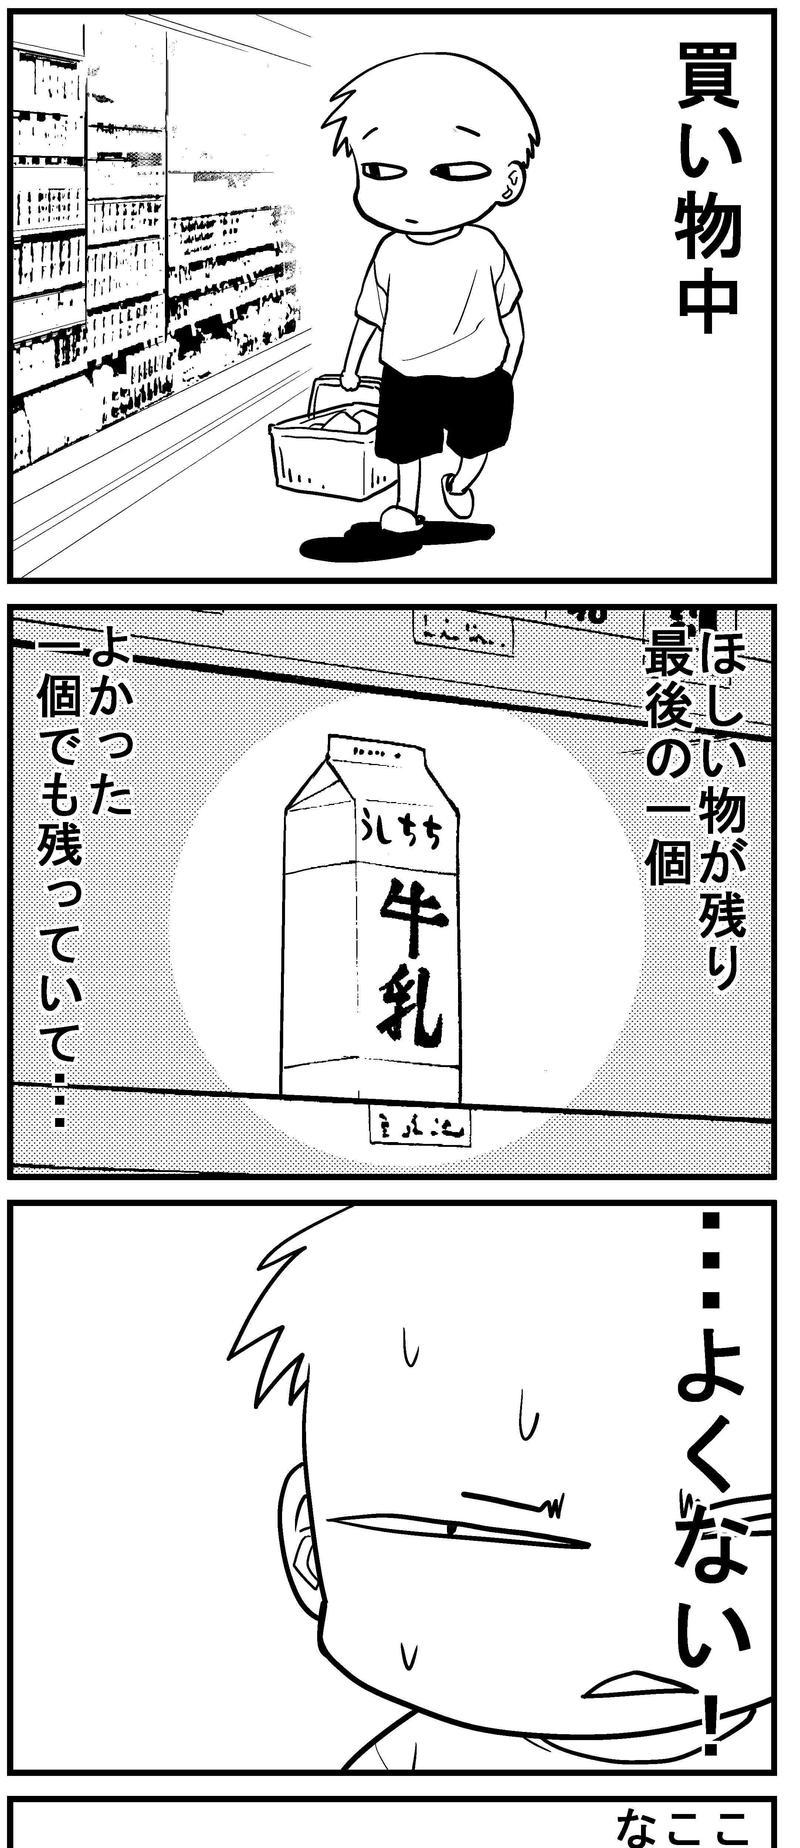 深読みくん 第5話 早いもの勝ち!